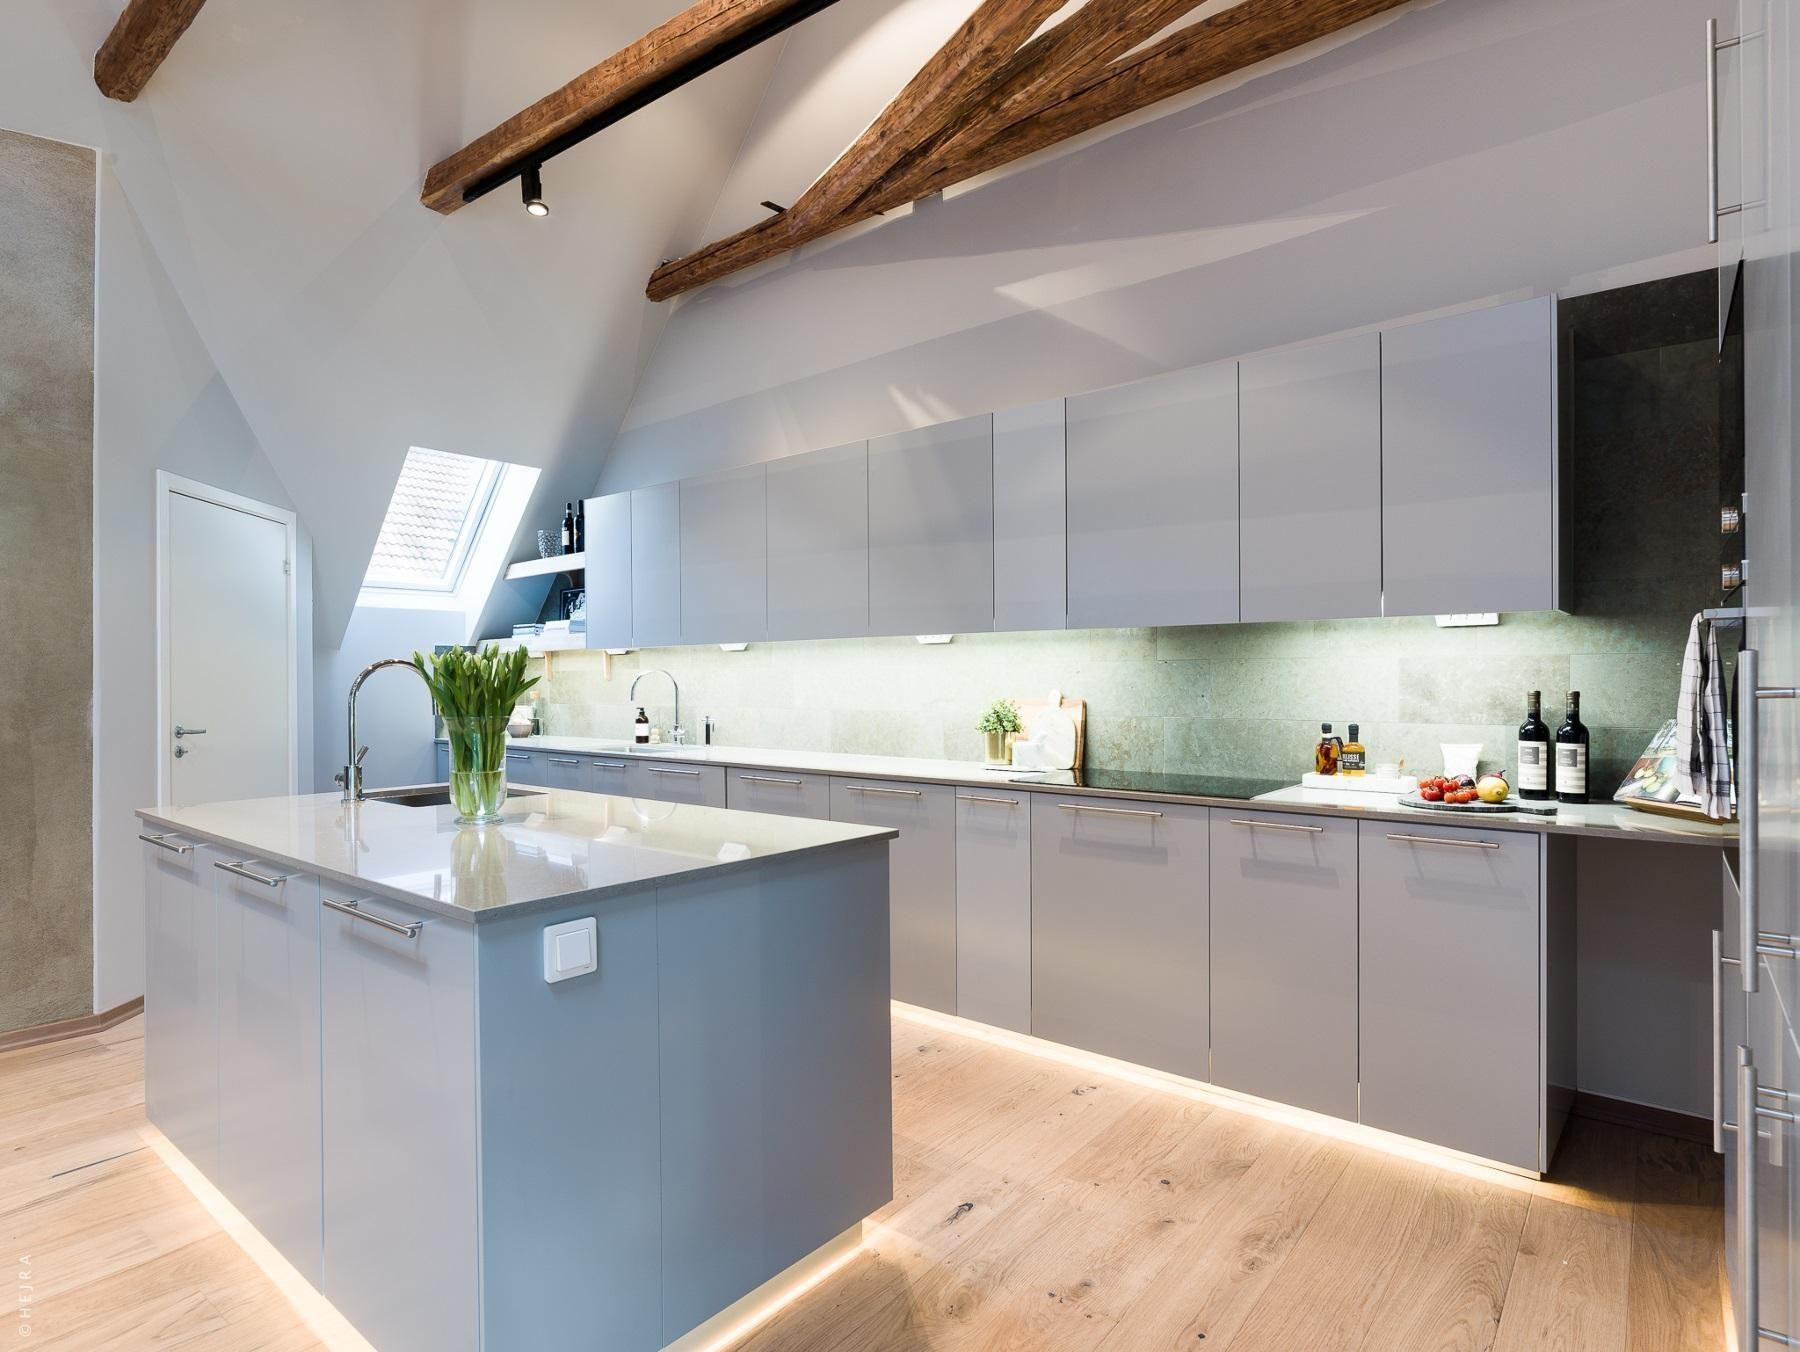 Murs à effet sous les toits | Cucine grigio chiaro, Cucine ...